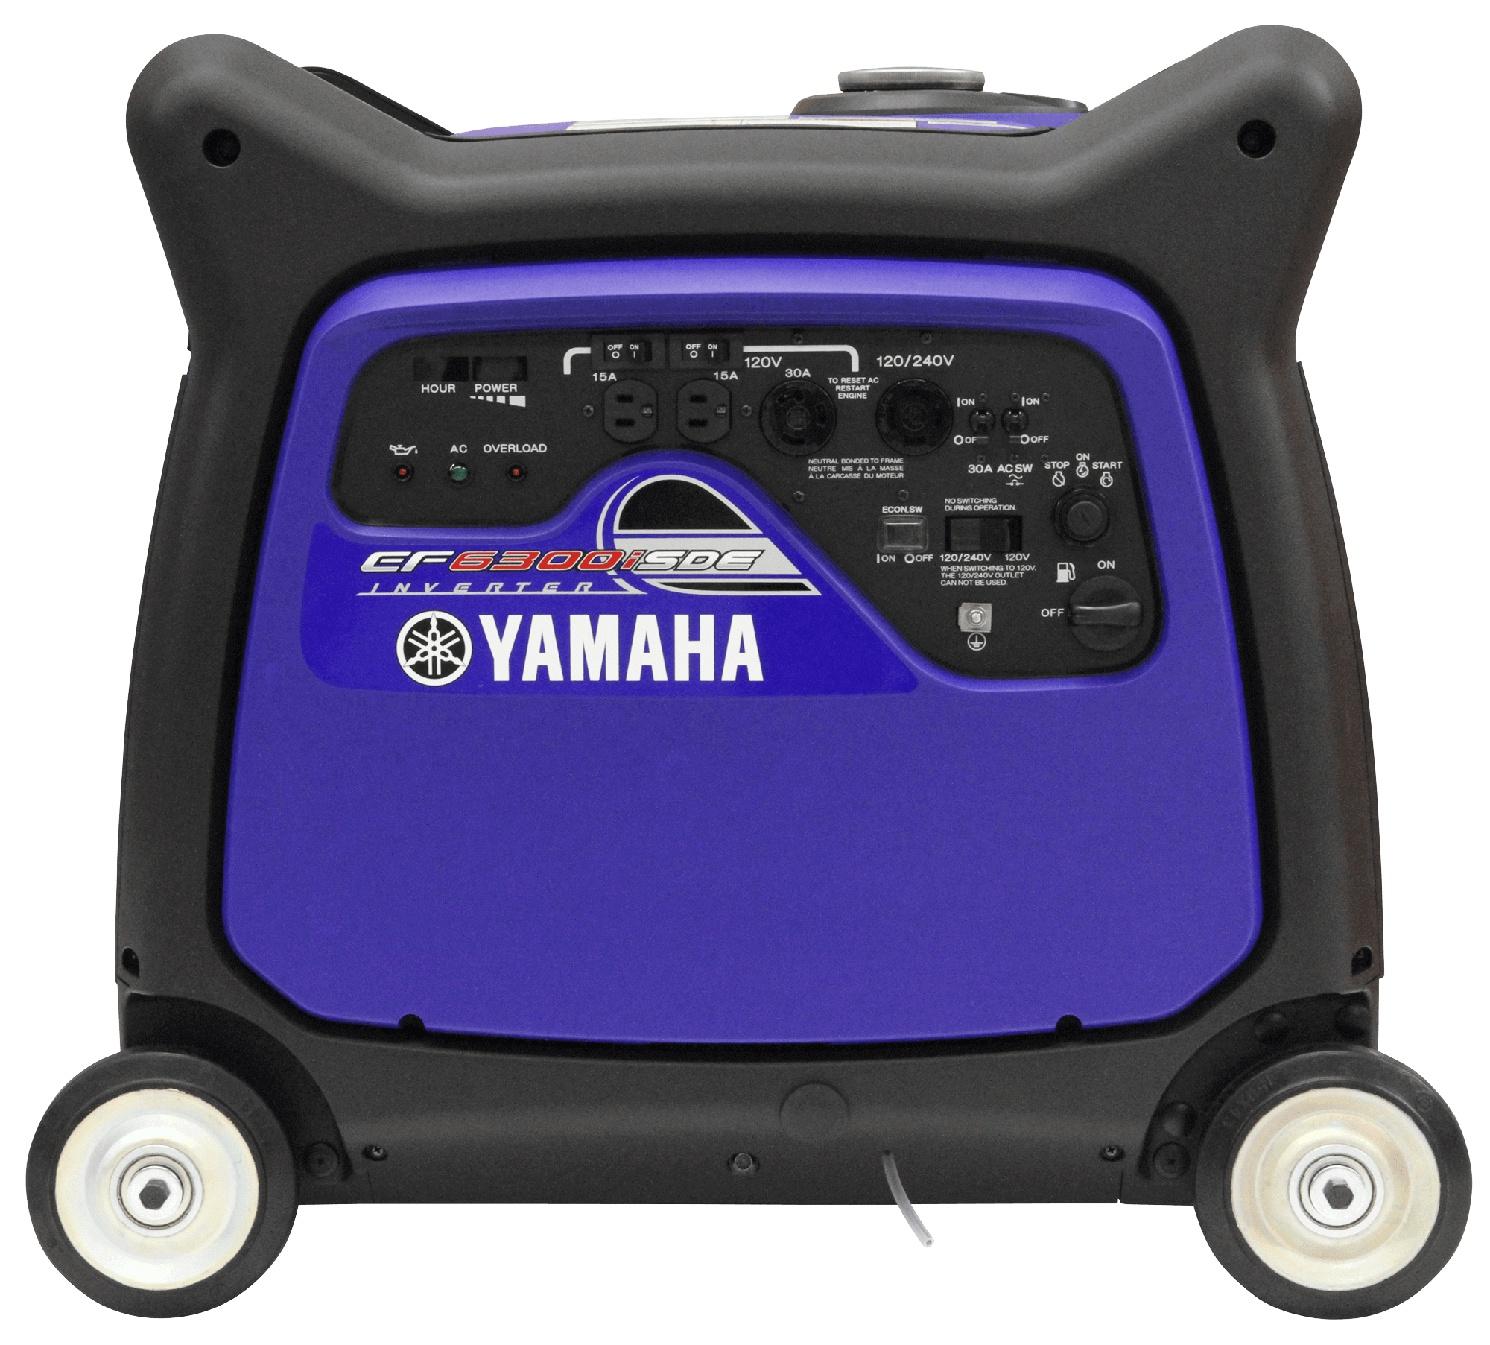 Yamaha Inverter Series EF6300ISDE